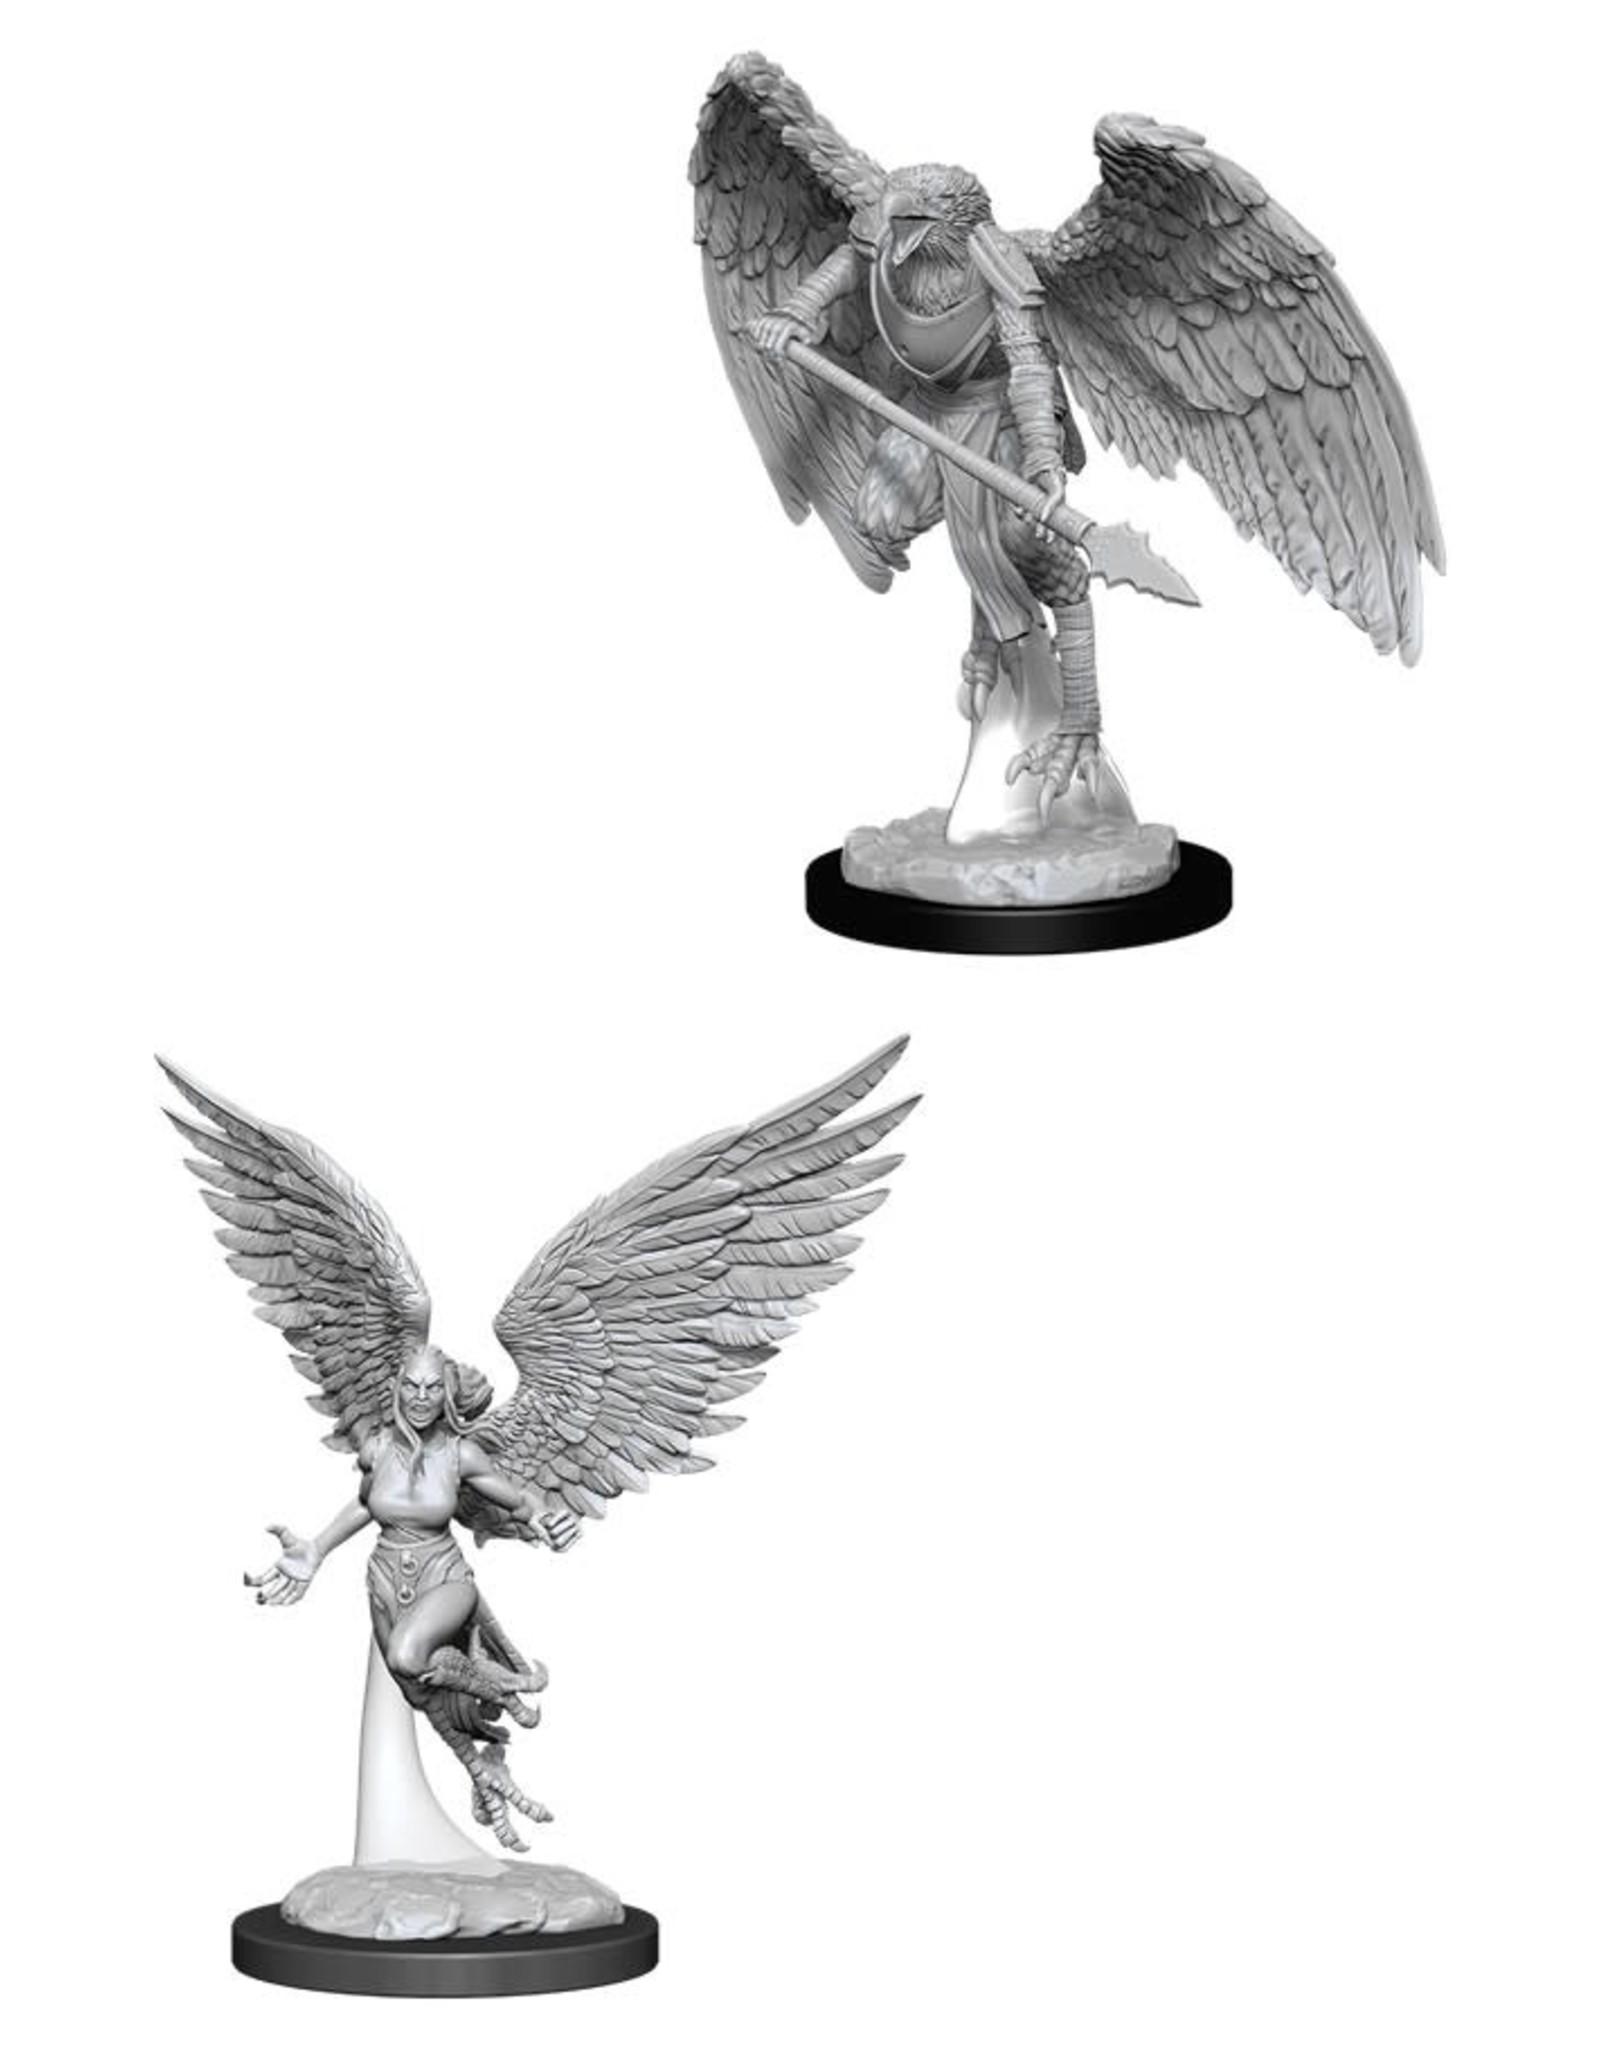 WizKids Dungeons & Dragons Nolzur's Marvelous Miniatures: Harpy & Arakocra